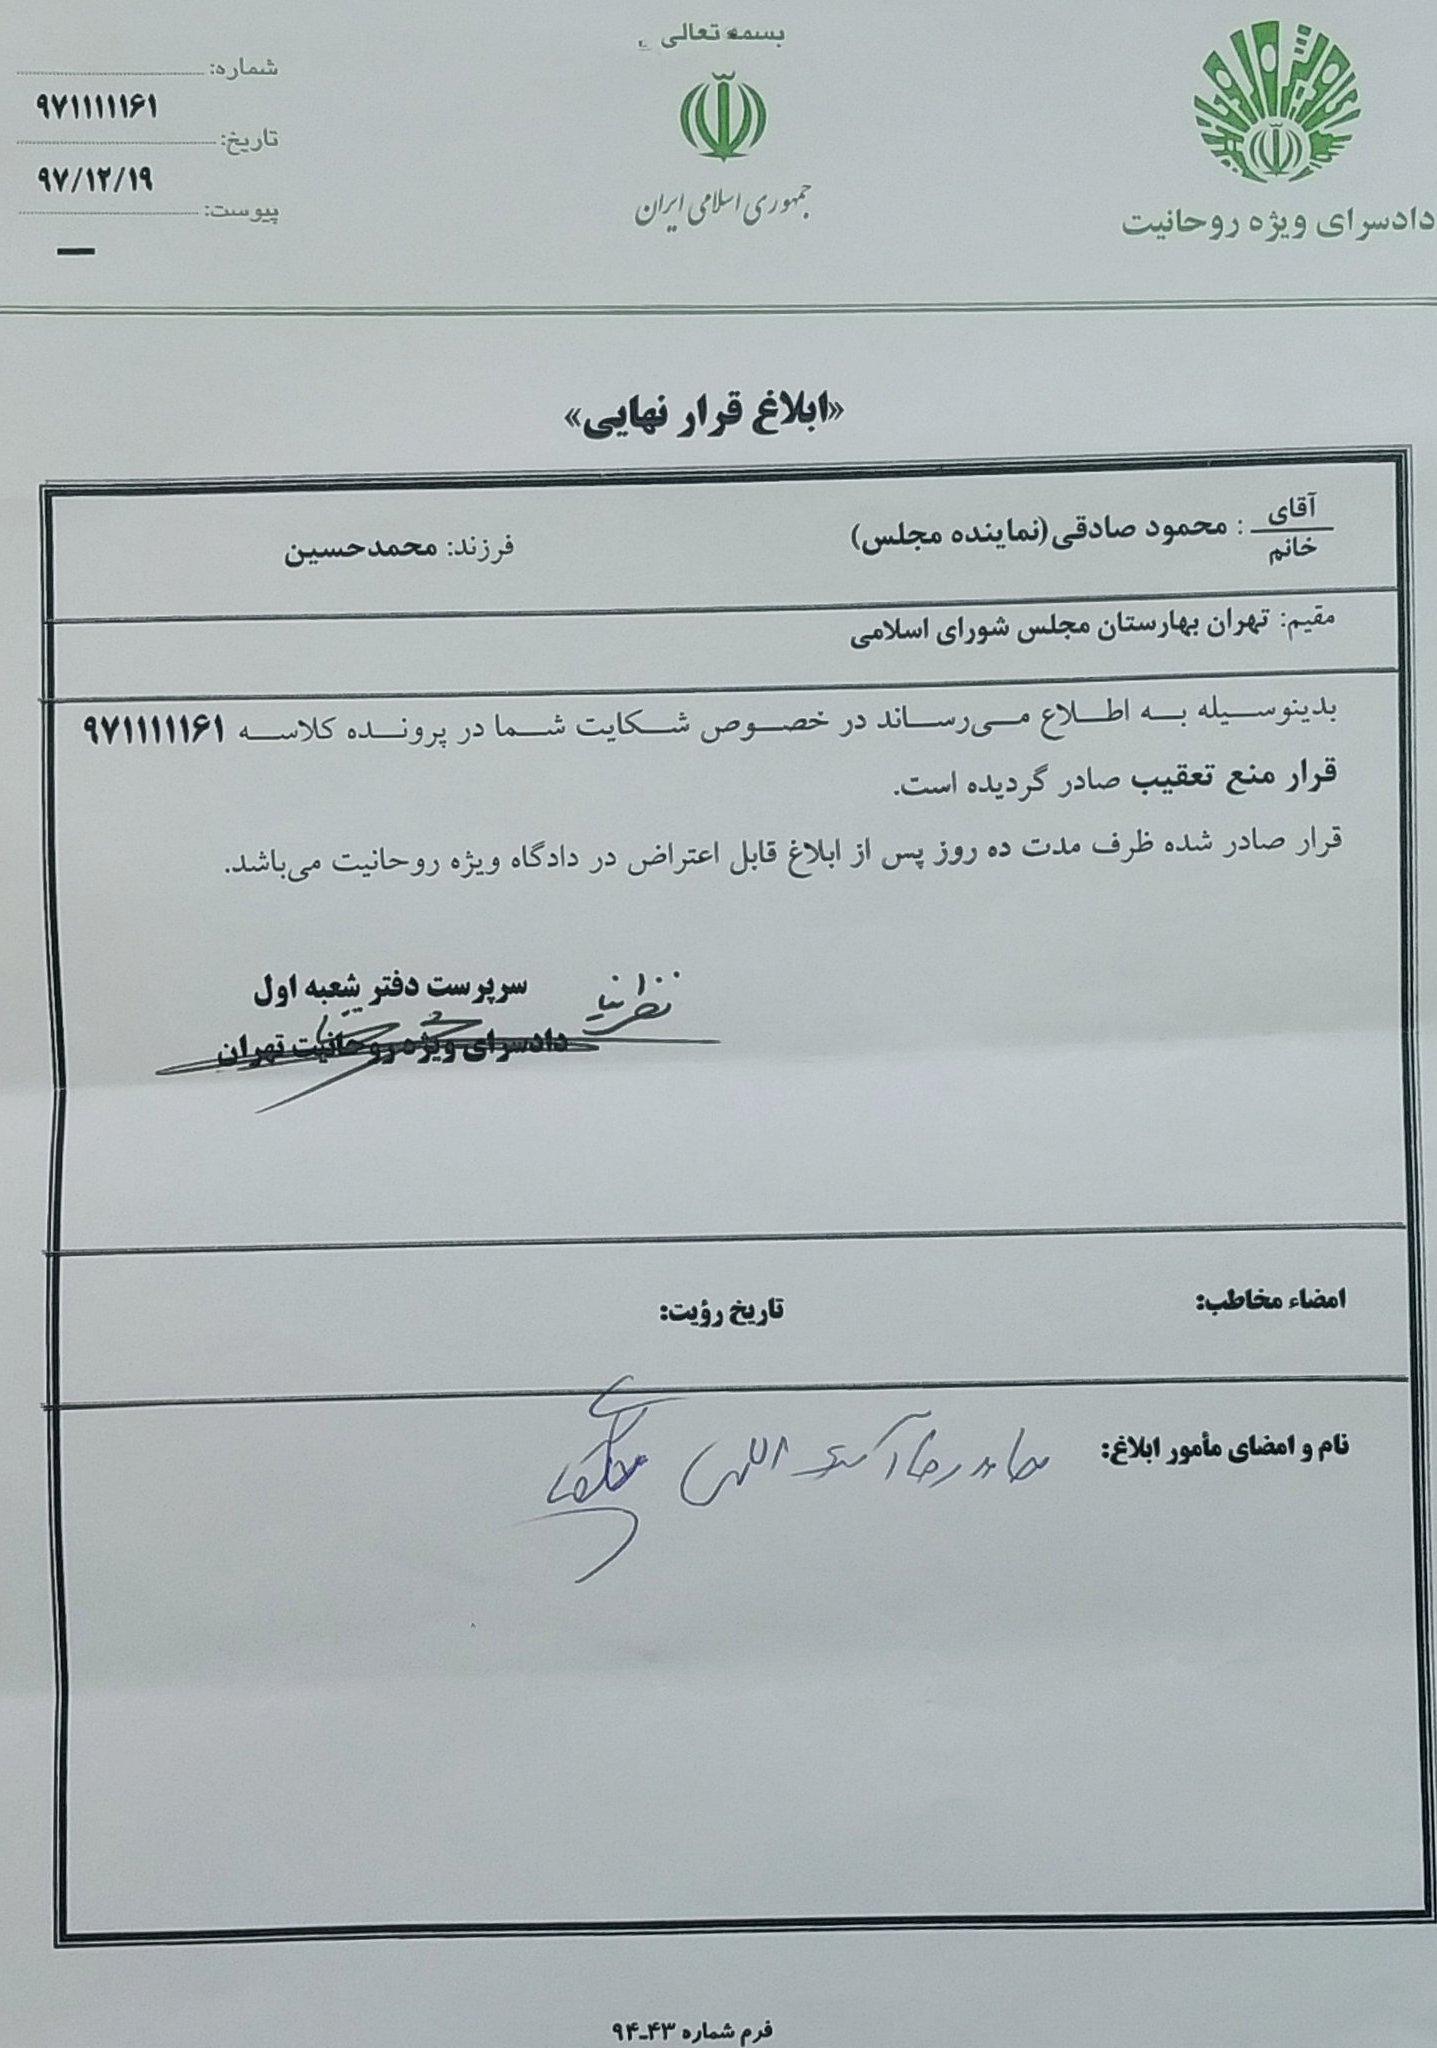 محمود صادقی درباره شکایت خود از رئیس سابق قوهقضاییه: قرار منع تعقیب برای آملیلاریجانی صادر شد